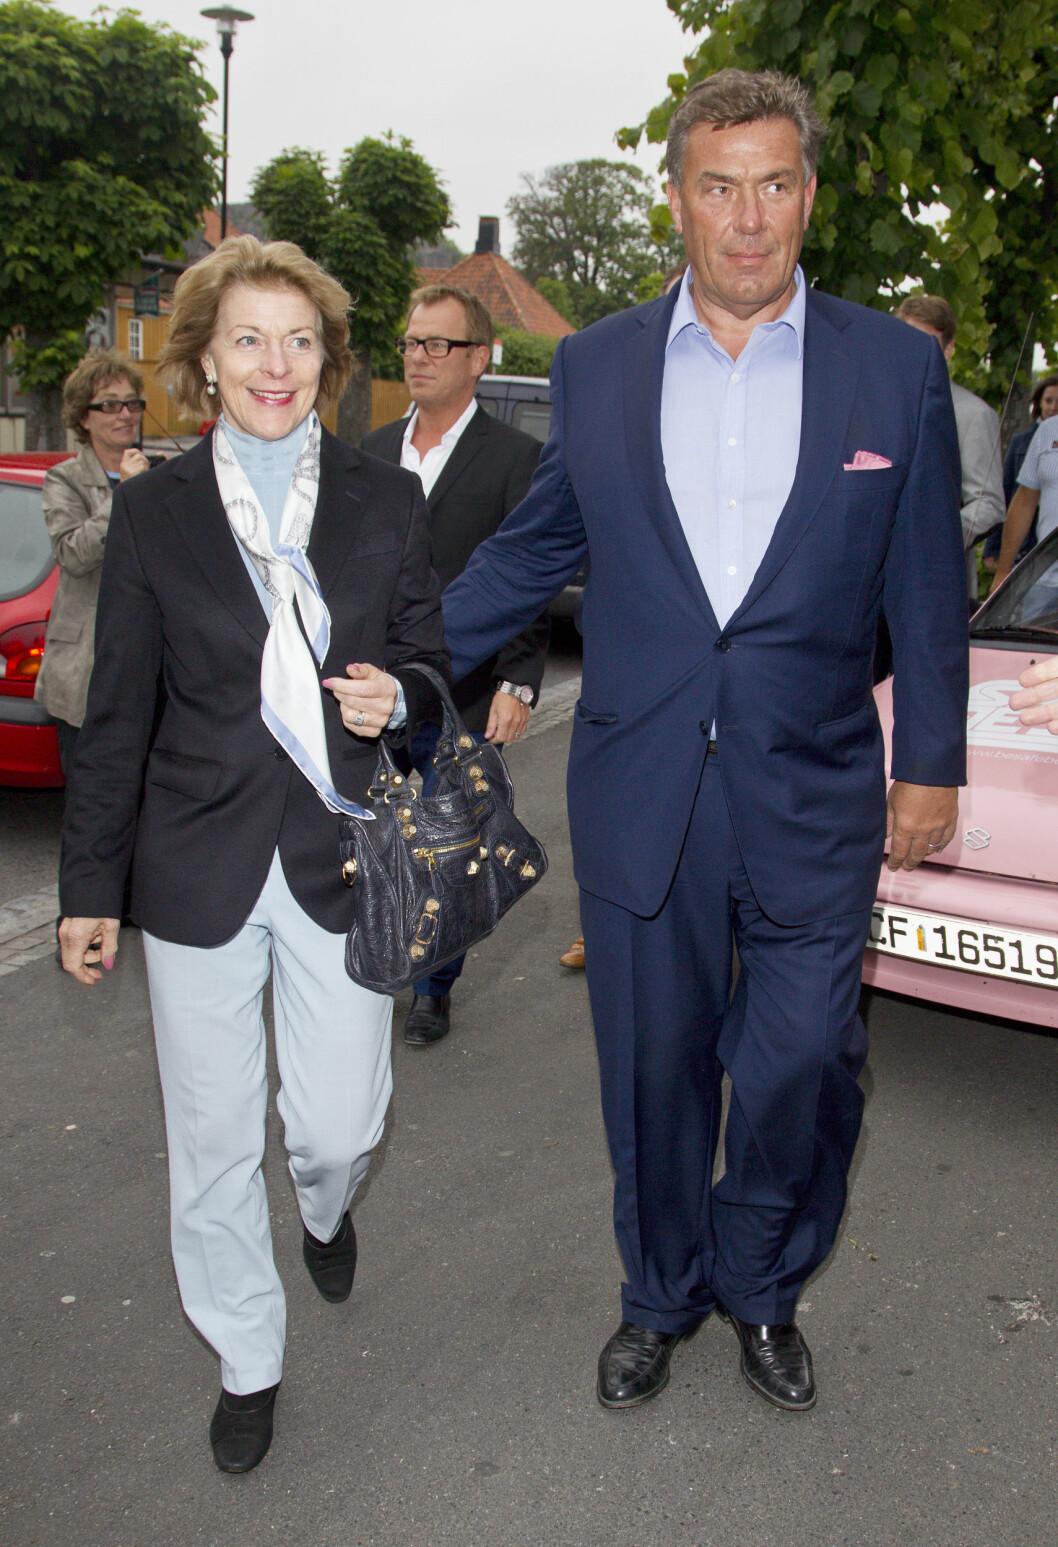 EKSKONA: I 2004 giftet Hagen seg med Mille-Marie Treschow. Det tidligere paret tok ut separasjon i 2012. Foto: Andreas Fadum